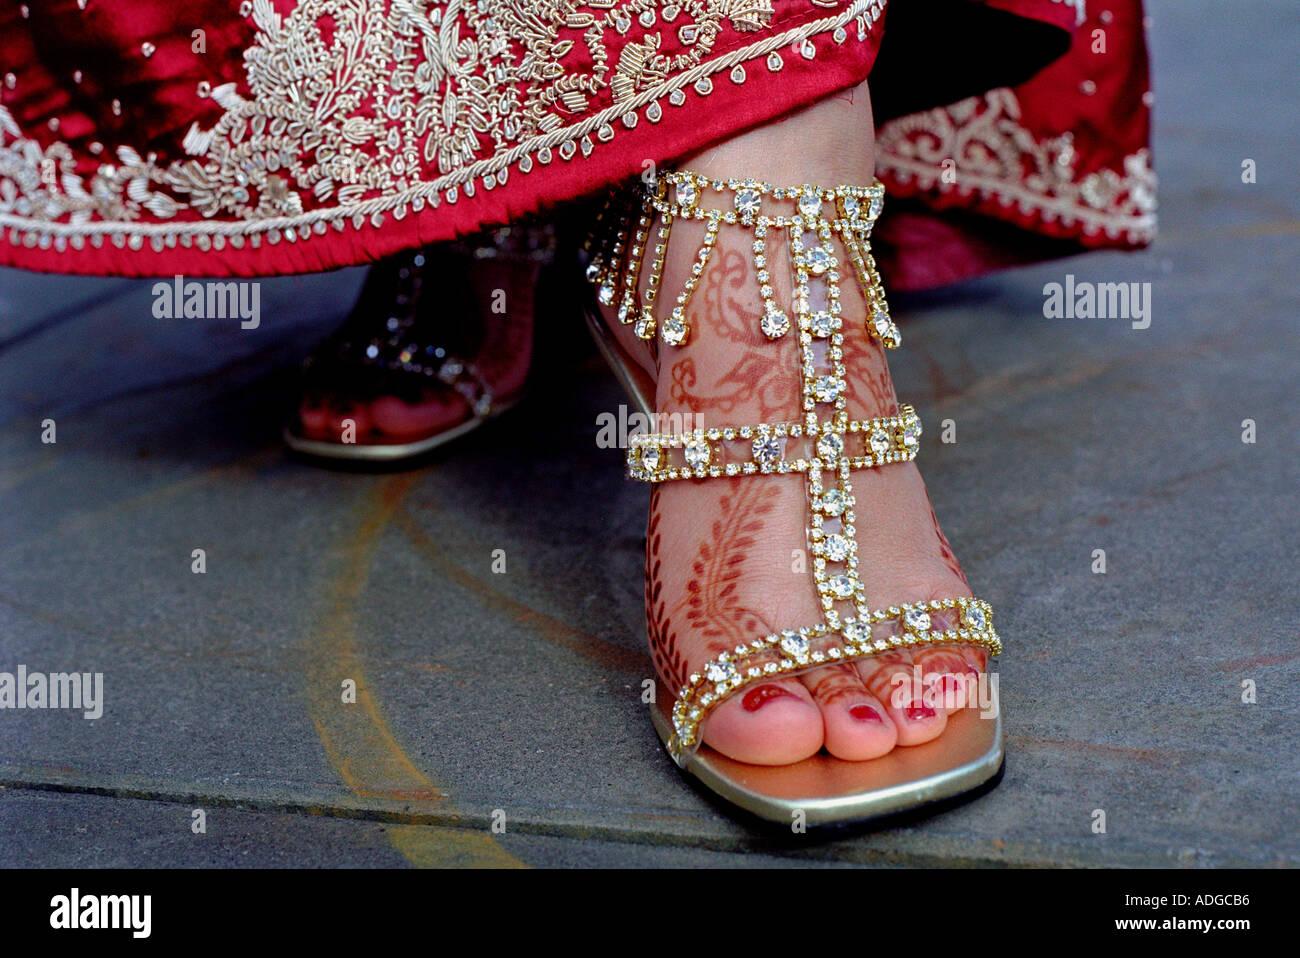 Sposa indiano con design henné sui suoi piedi. Immagini Stock